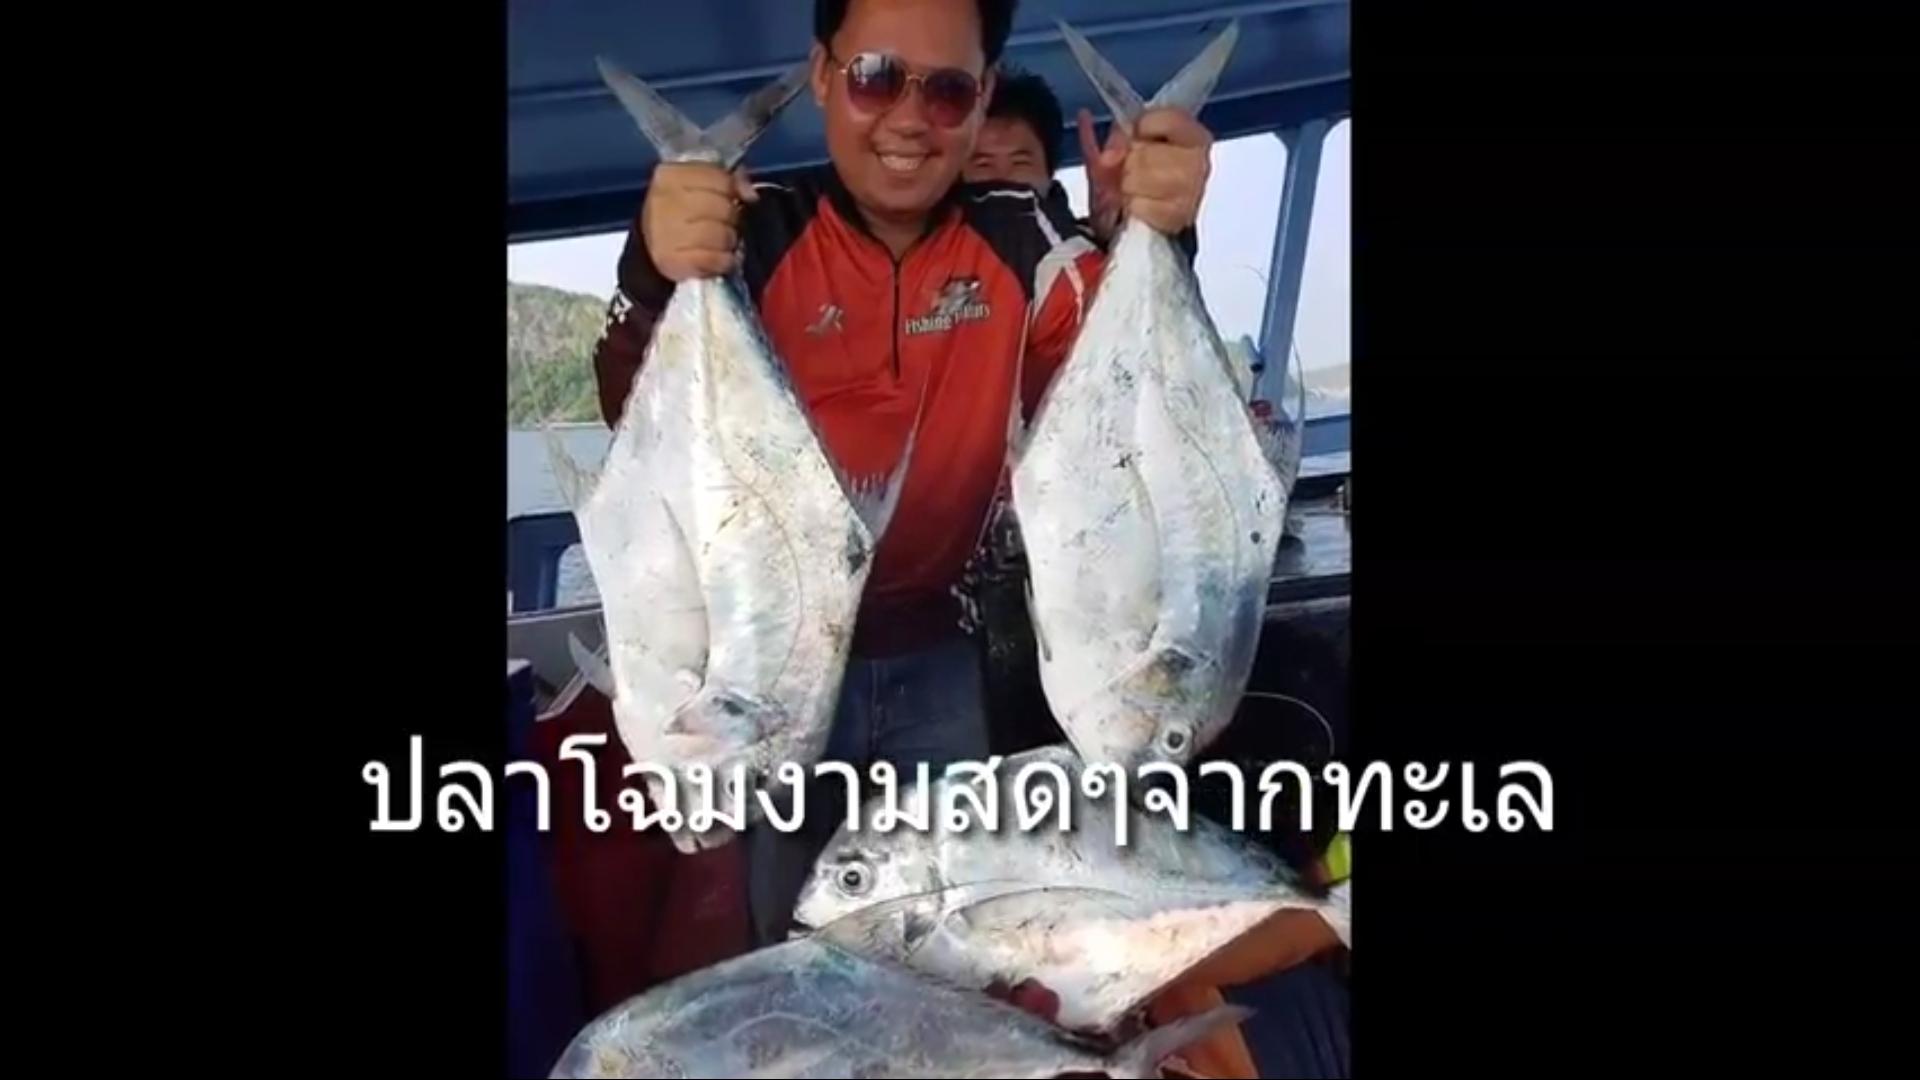 ตกเอง ทำกินเองนักเลงพอ หัวปลาโฉมงามนึ่งซิอิ้ว